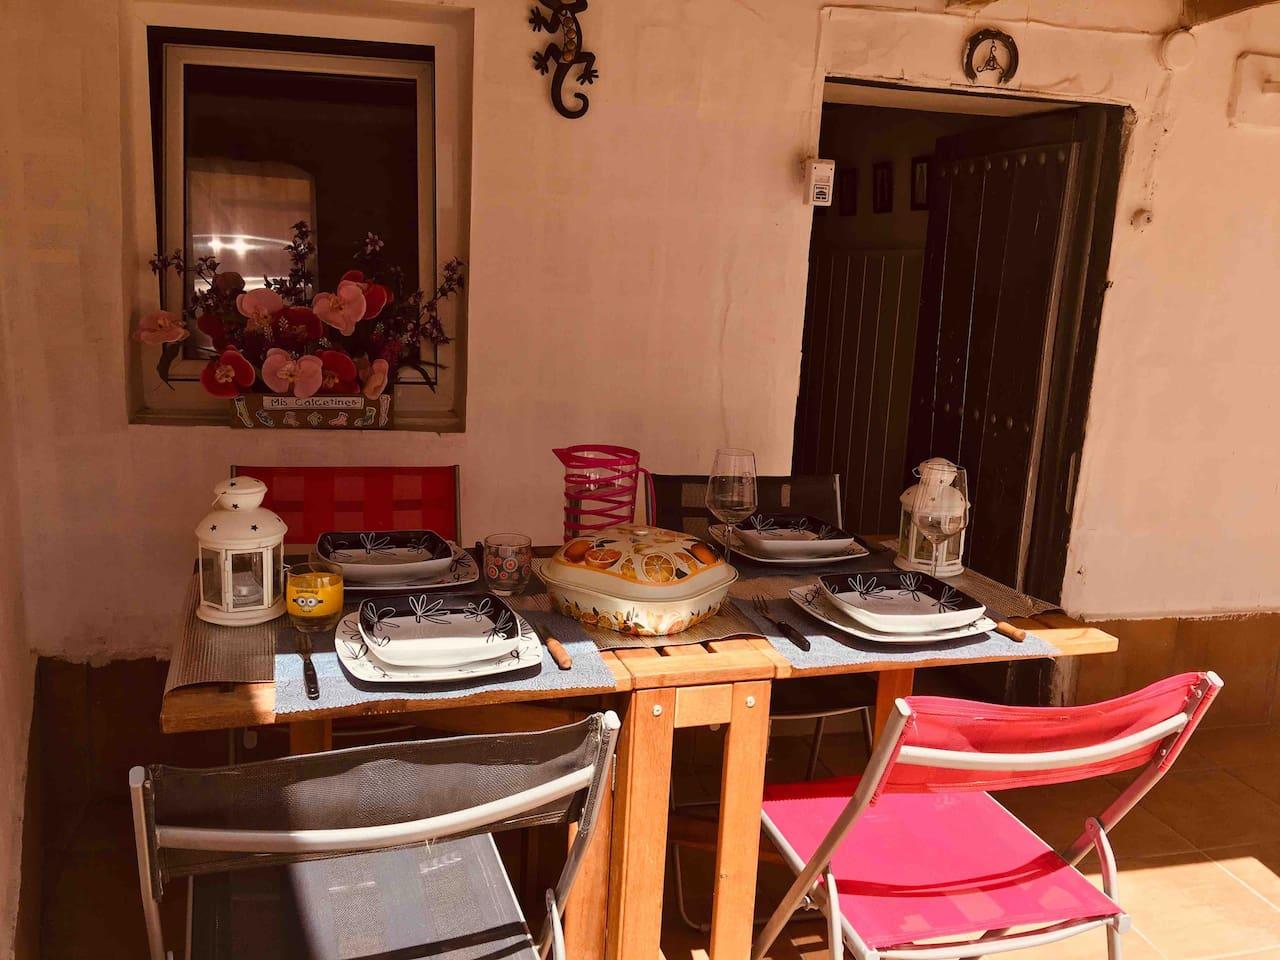 Zona del patio orientada al sur con mesa y sillas de exterior preparada para una perfecta comida al aire libre.